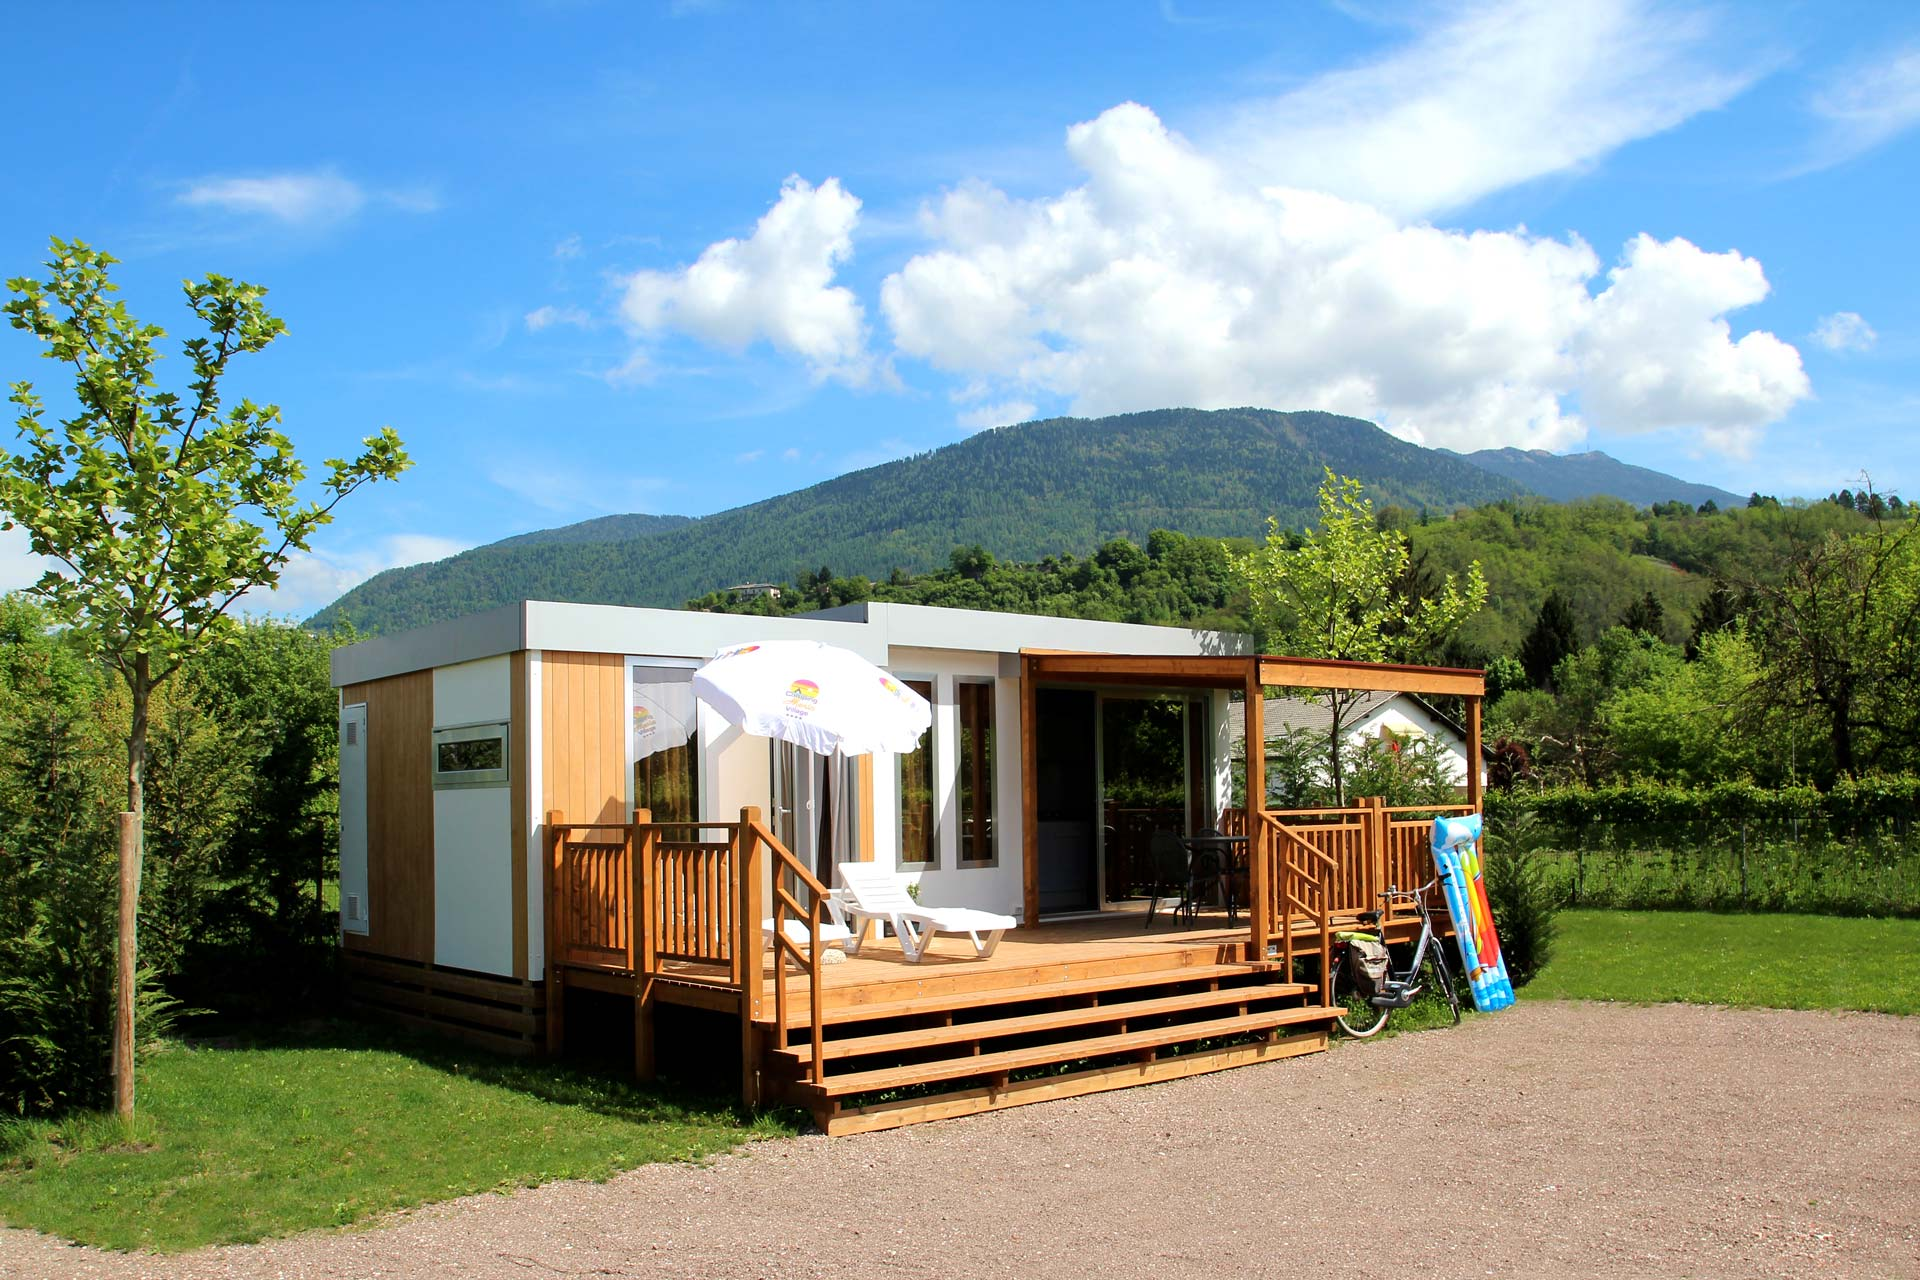 Villa l 39 avanguardia della casa mobile in trentino for Trentini mobili